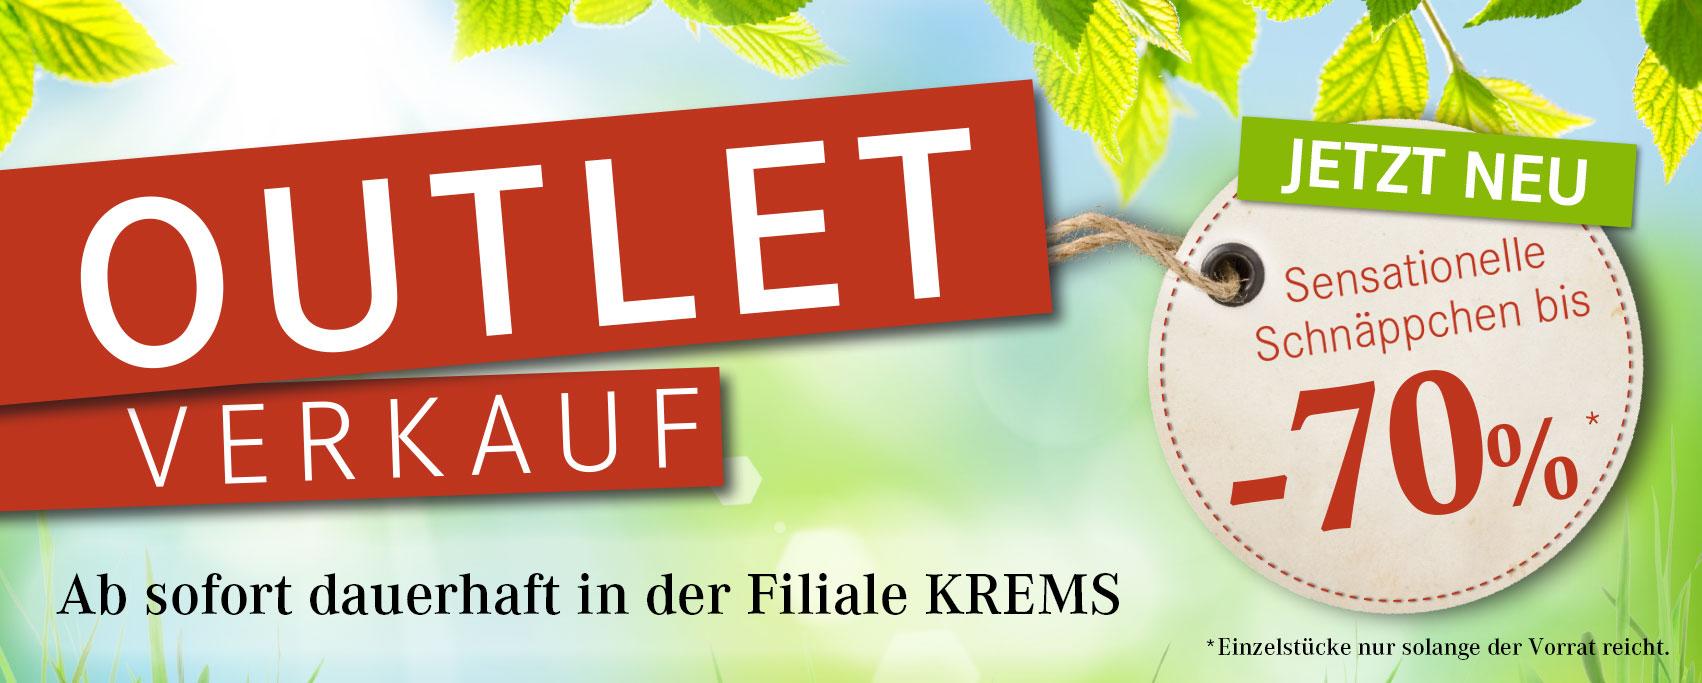 Outlet Krems